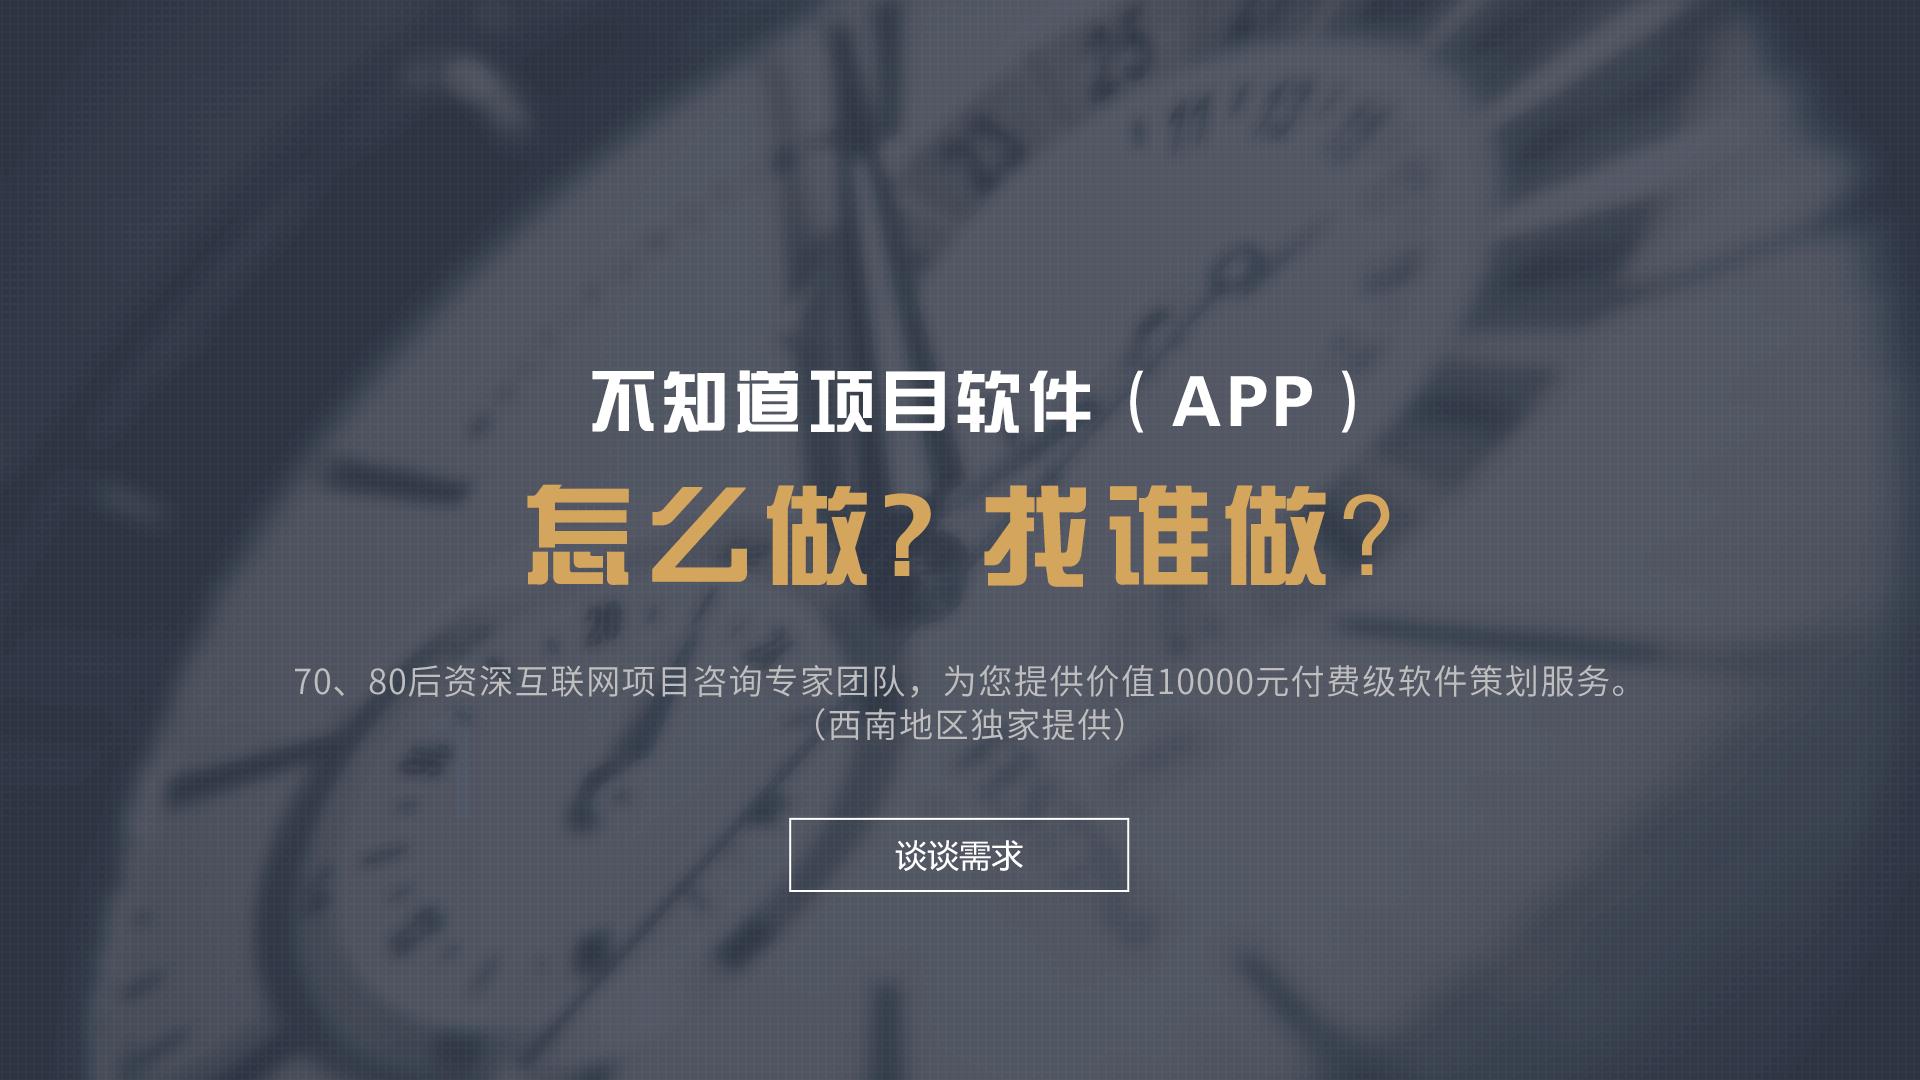 成都APP开发公司APP咨询未来久